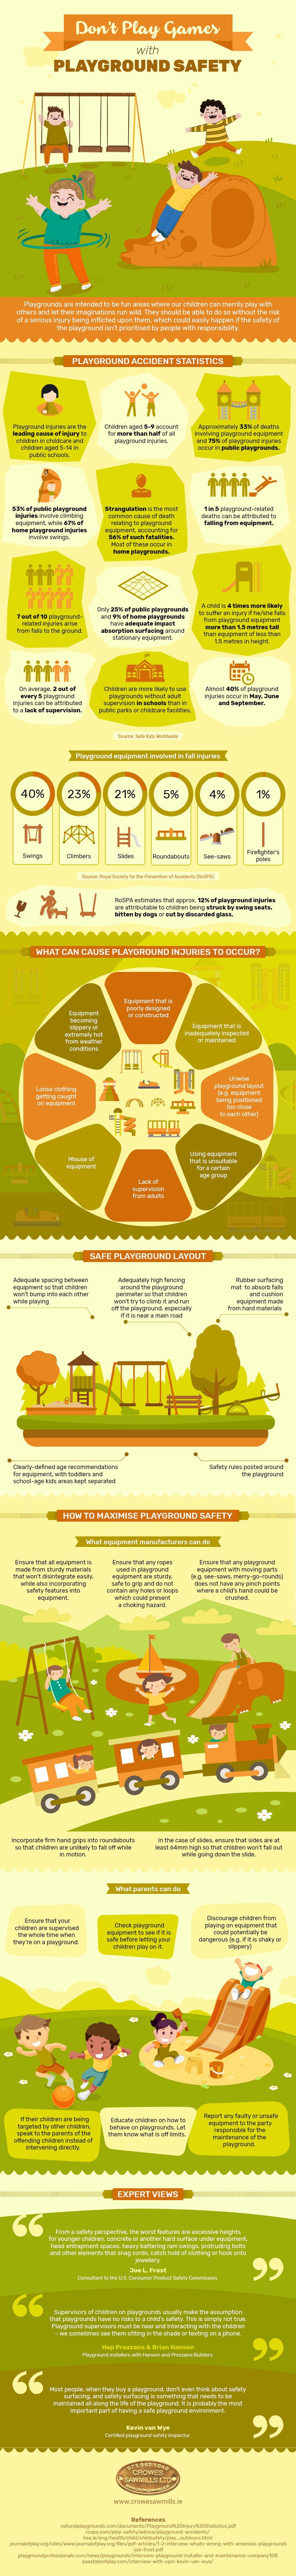 Playground Safety Information